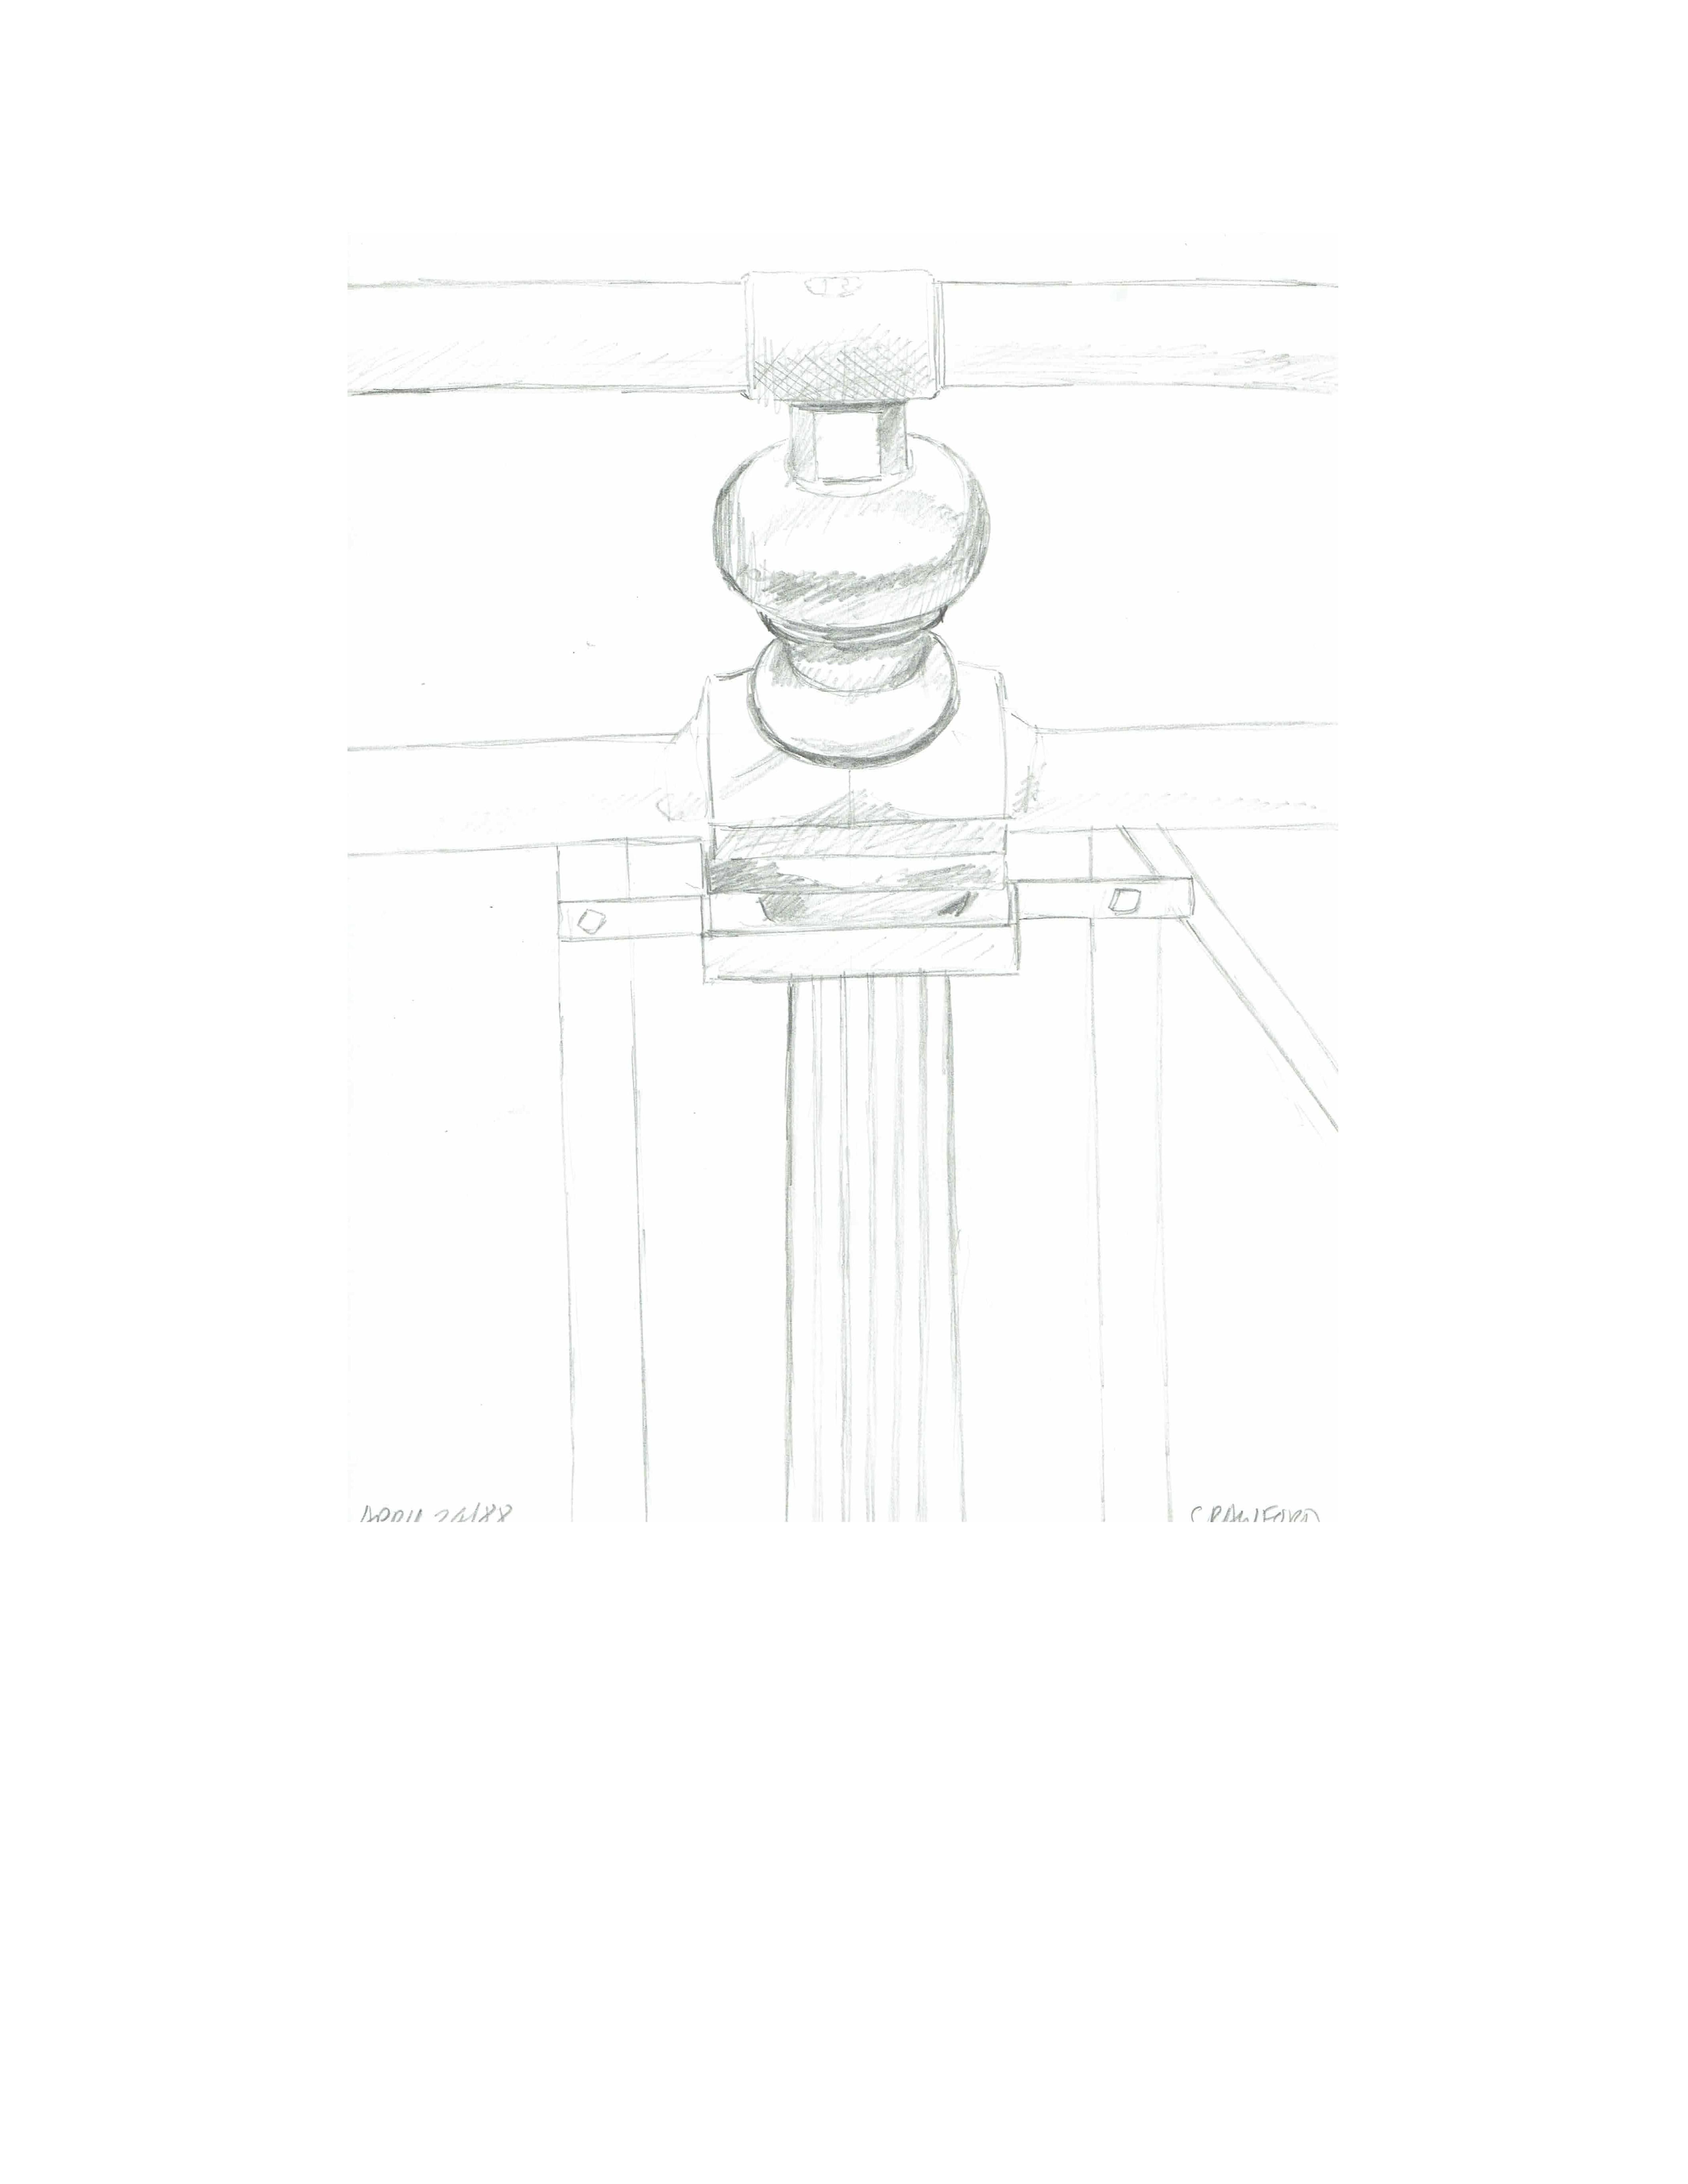 Bridge detail of railing, April 24, 1988, pencil on paper, 21.6 cm x 28 cm